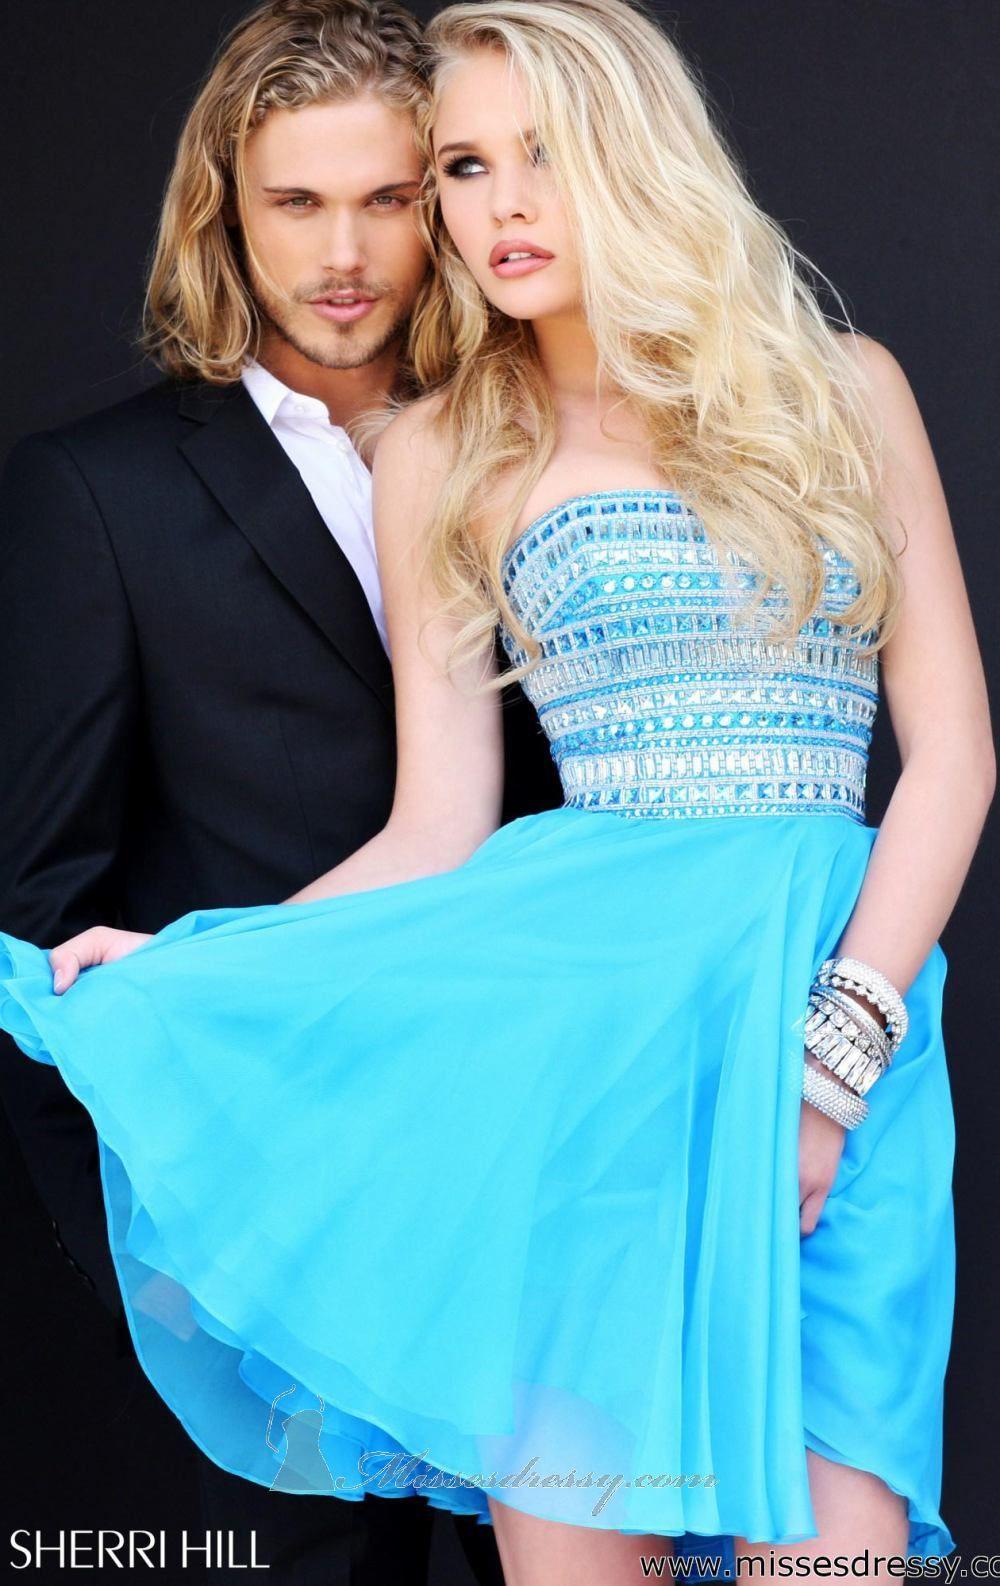 Sherri Hill 11028 Dress - MissesDressy.com